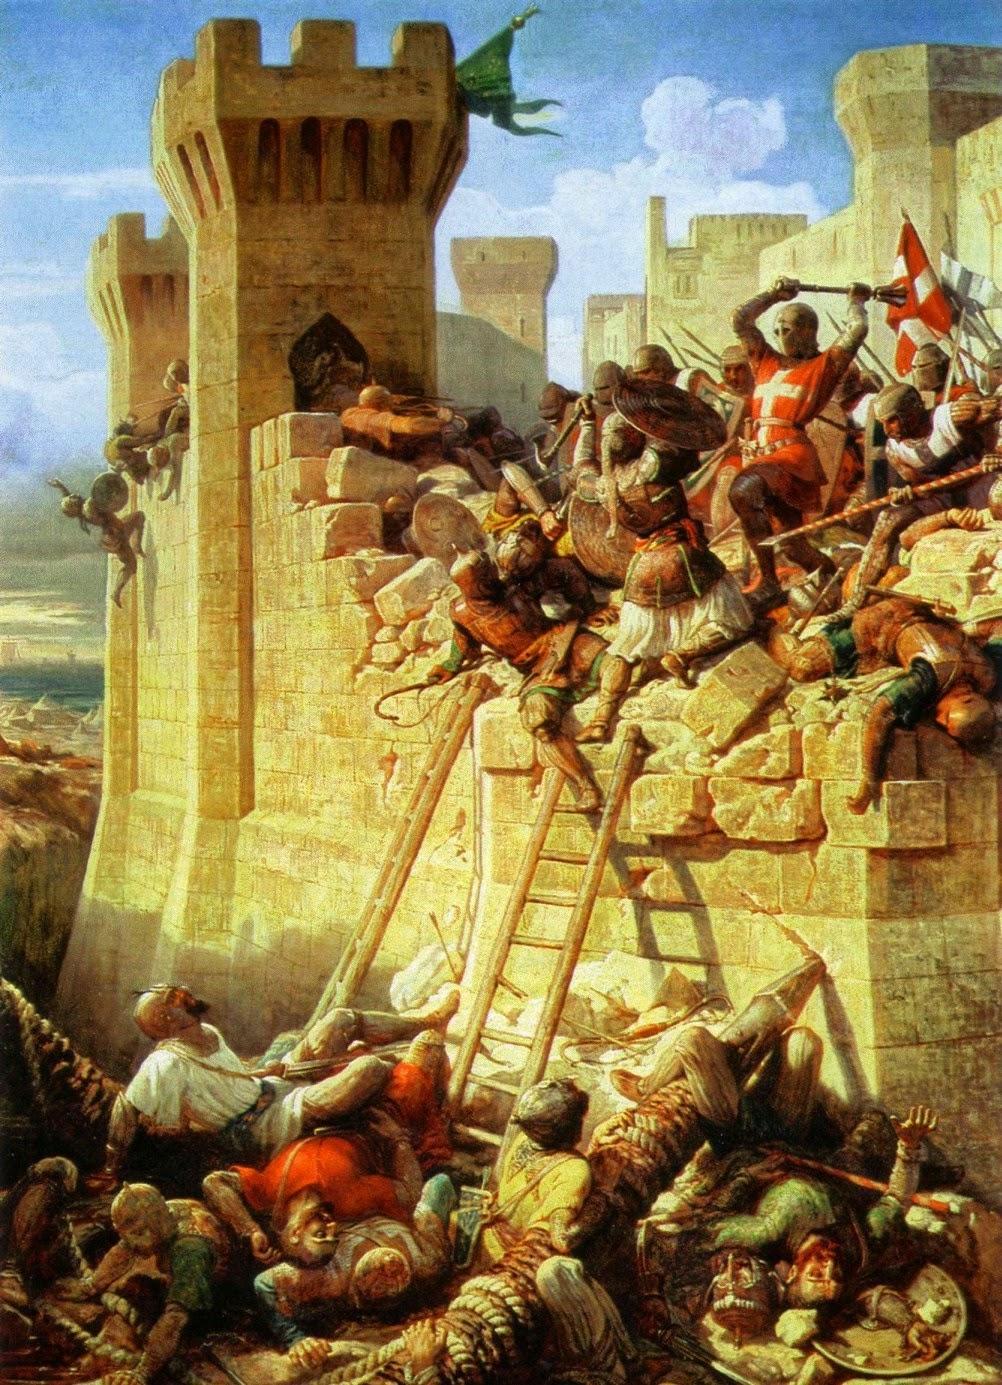 Dominique-Louis-Féréol Papety - The Siege of Acre ca. 1840